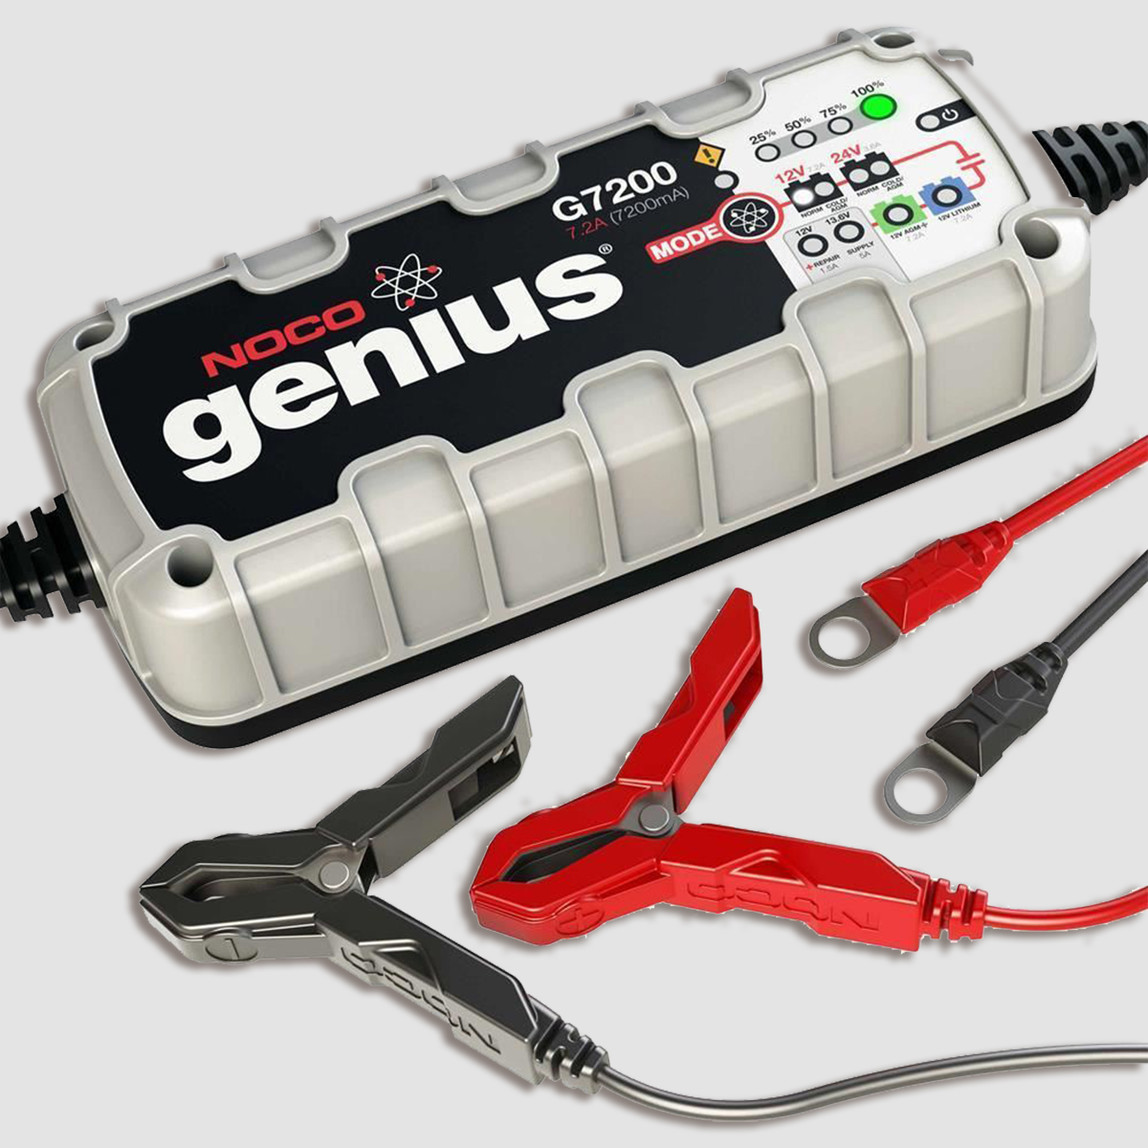 Noco Genius G7200 12V/24V 230A Ultra Safe Akıllı Akü Şarj ve Akü Bakım Cihazı